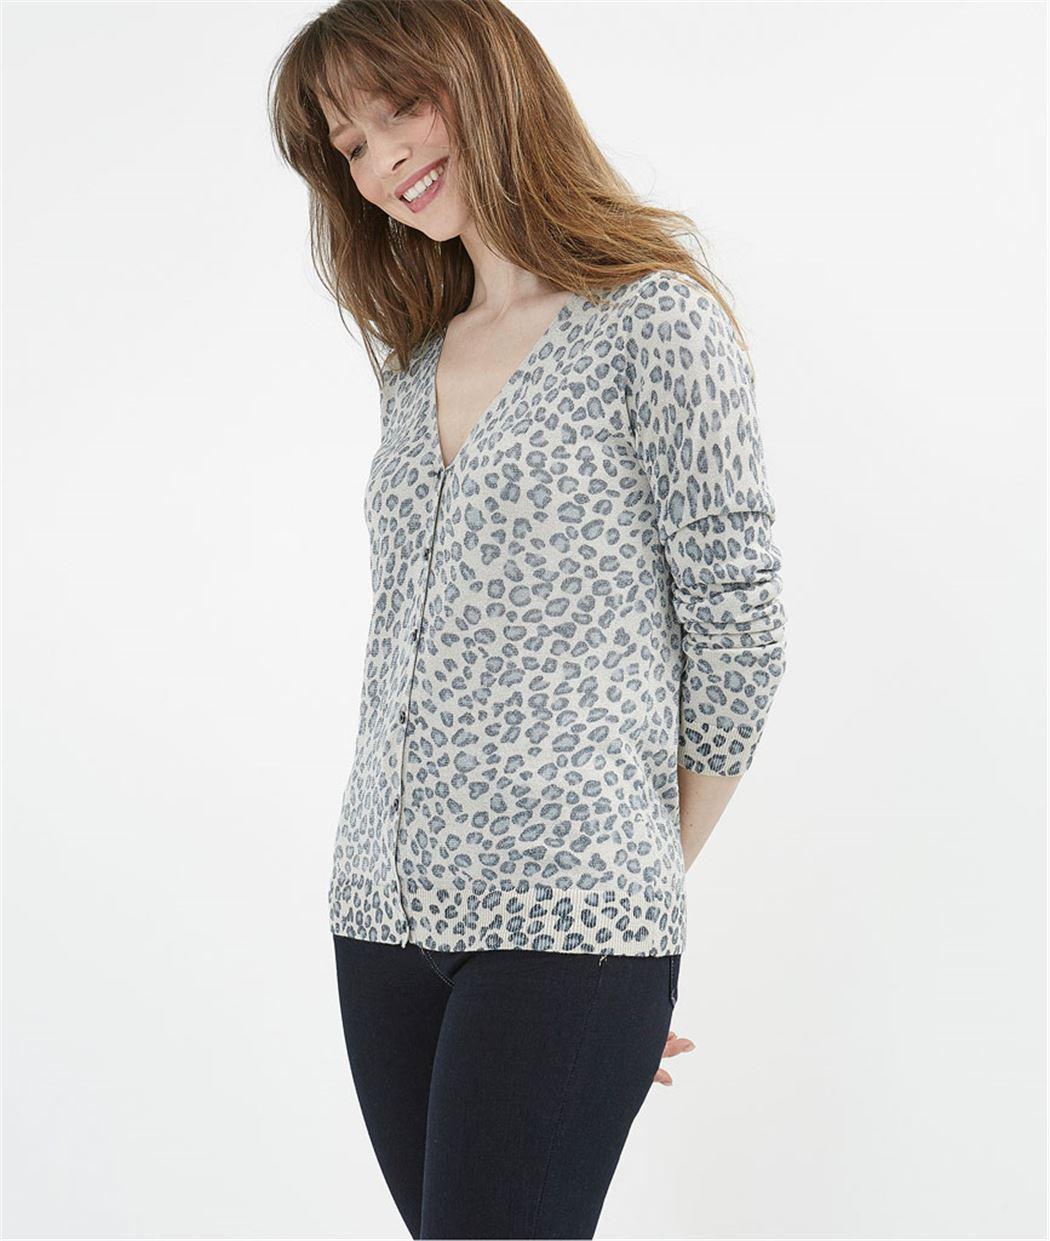 Gilet femme imprimé léopard BEIGE